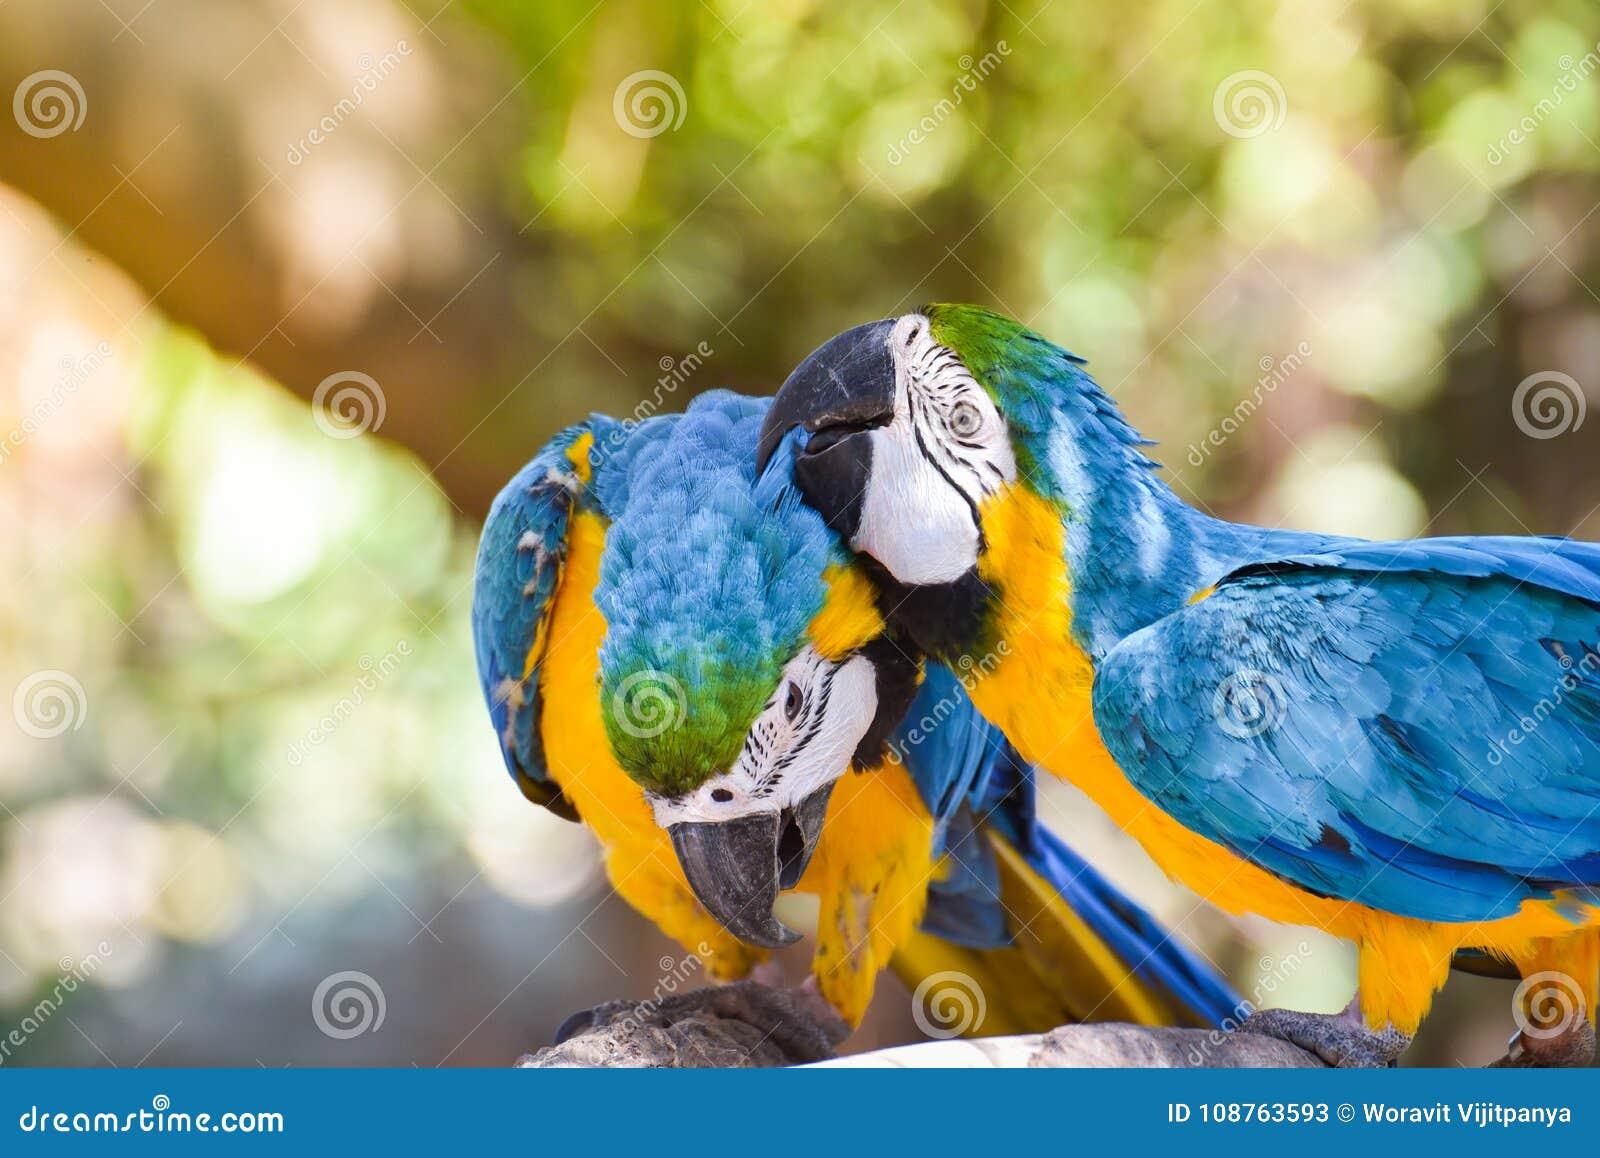 Keilschwanzsittichvogelpapagei